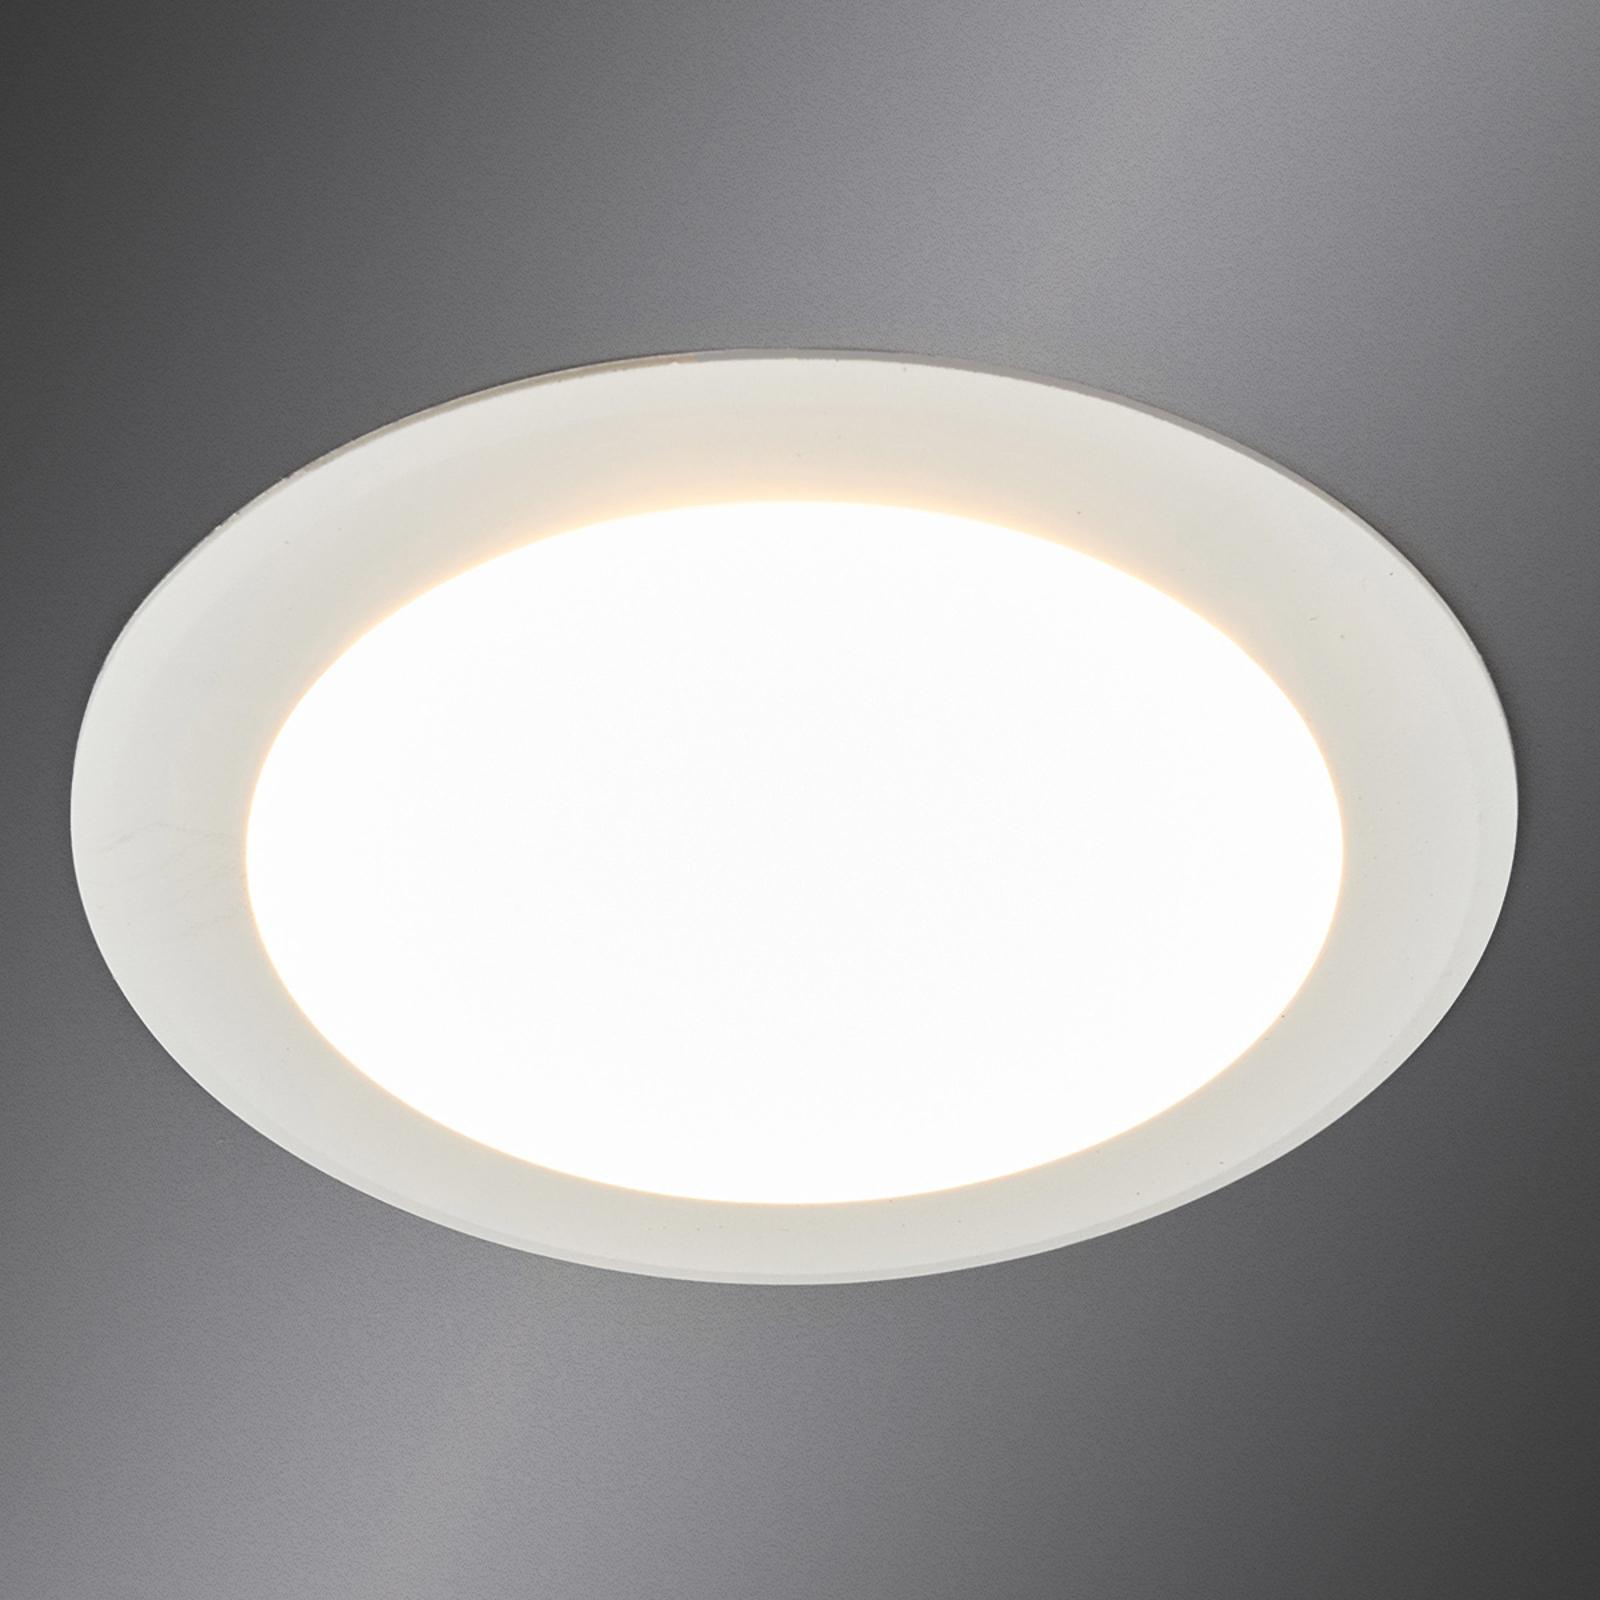 Arian LED podhledové bodové svítidlo 11,3 cm 9 W